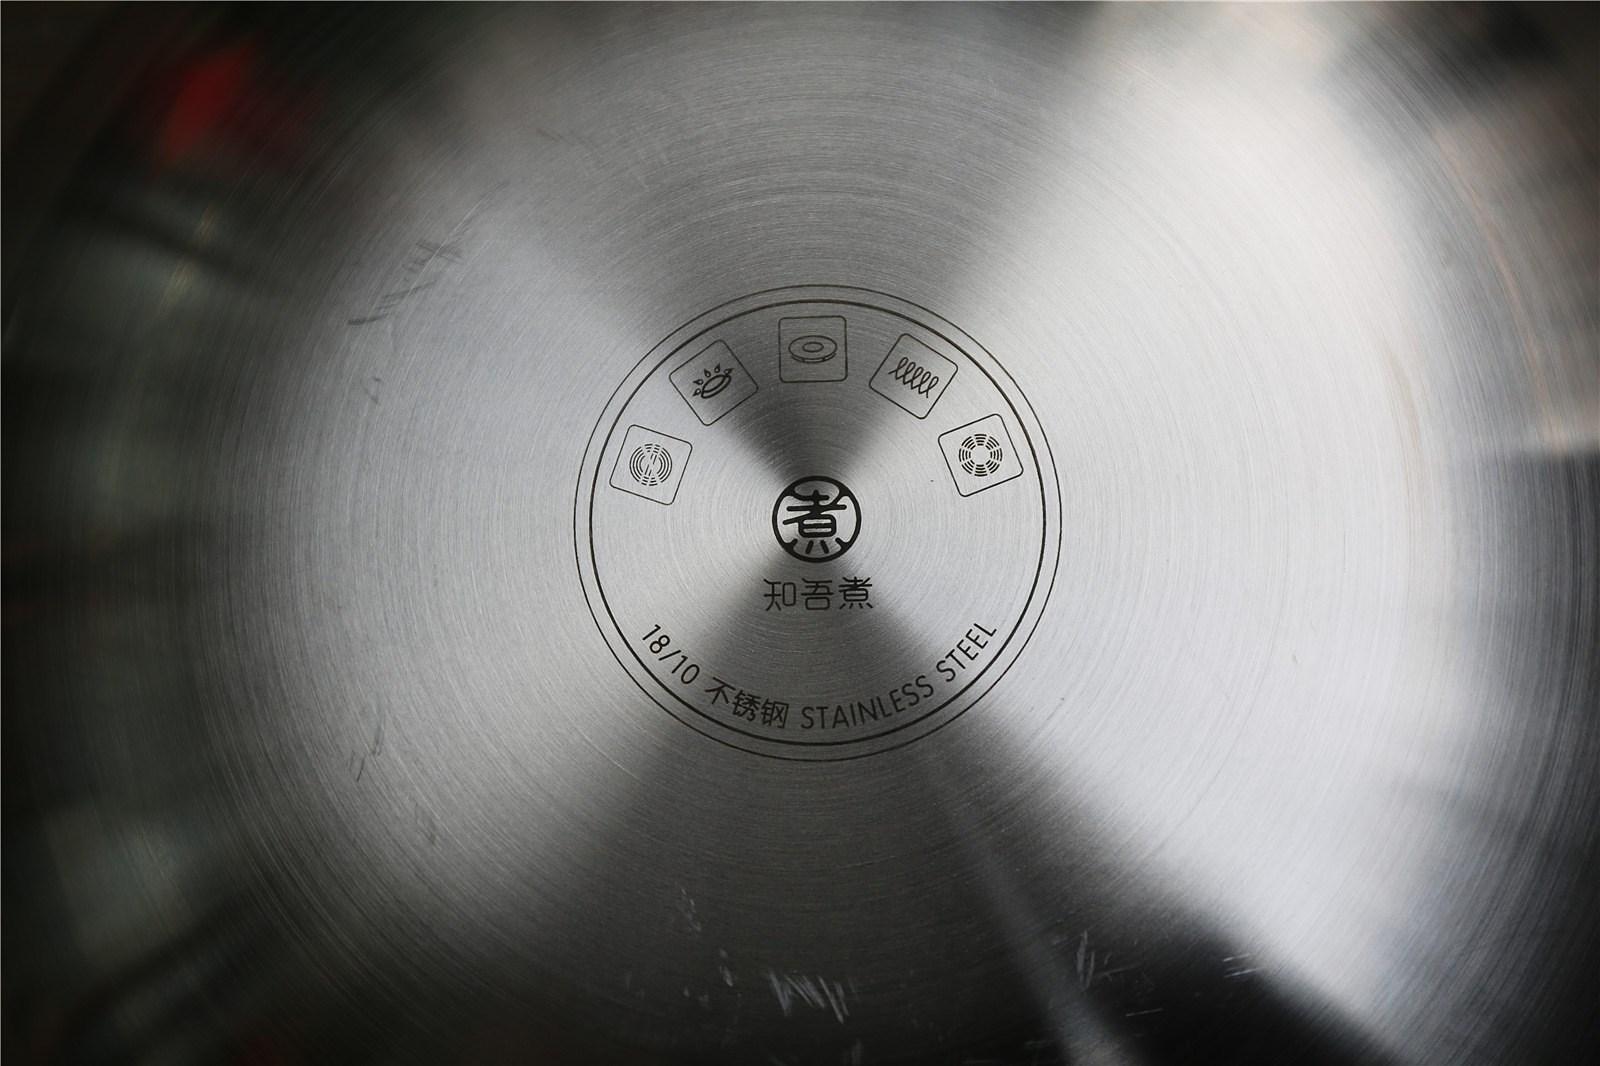 米家349元定制新品开箱图赏:304不锈钢